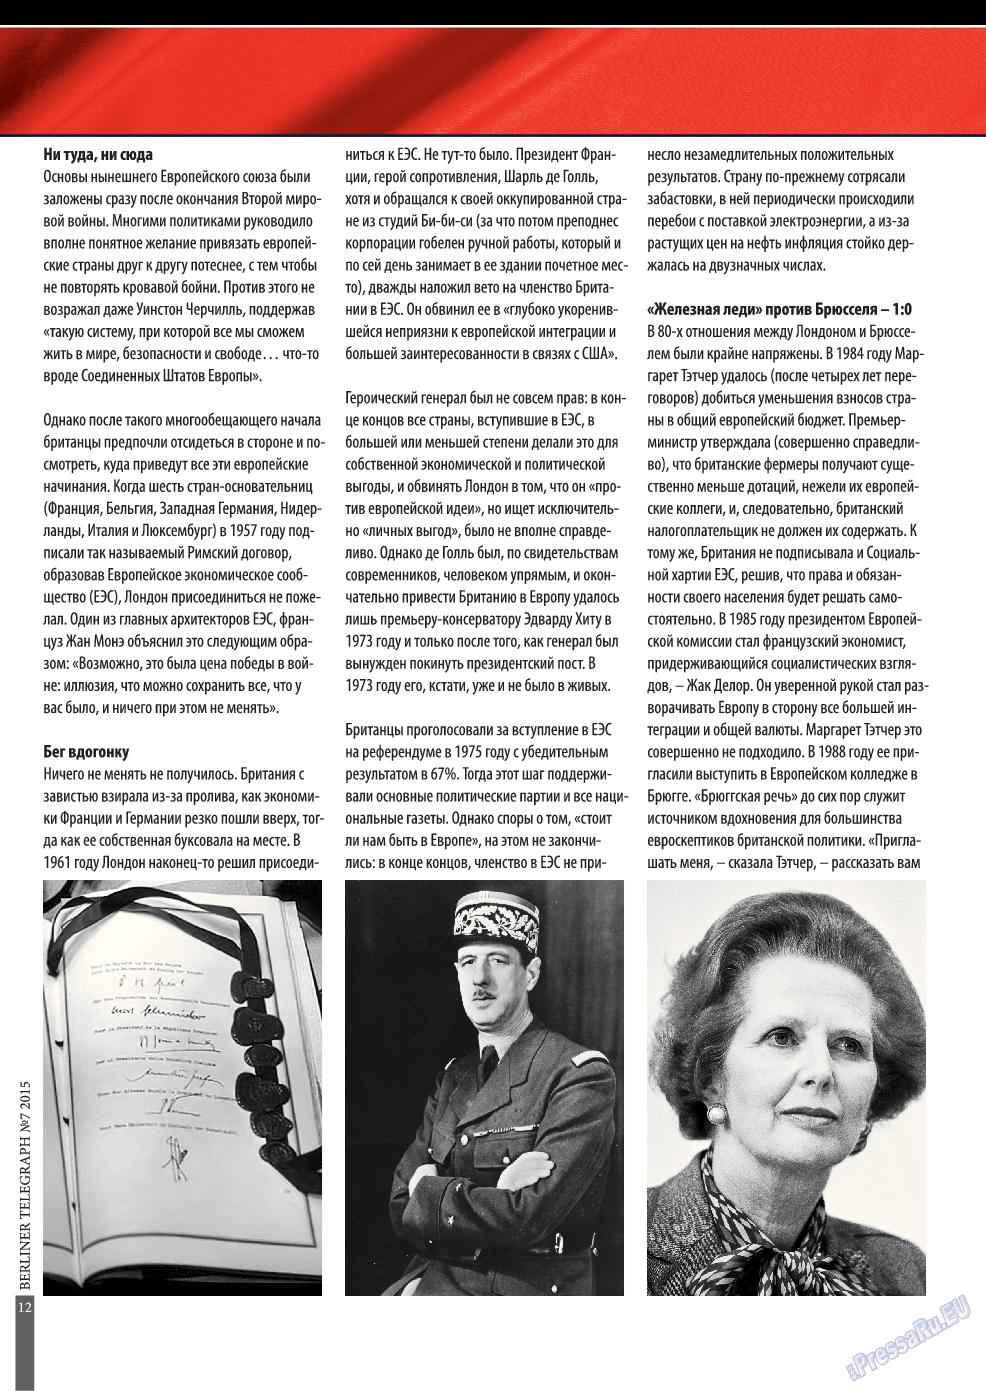 Берлинский телеграф (журнал). 2015 год, номер 8, стр. 12